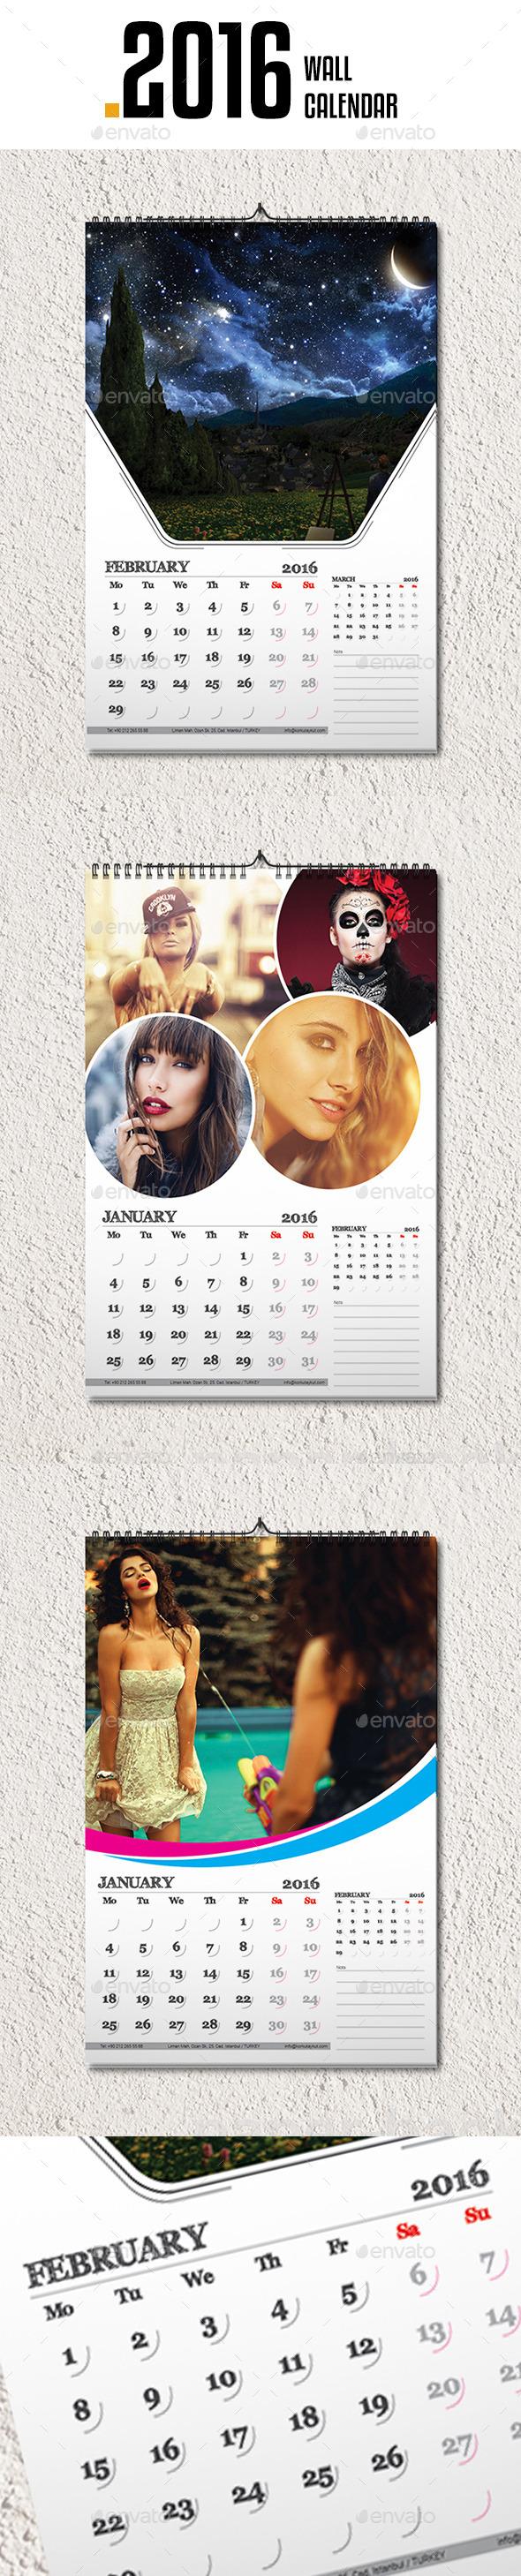 Wall Calendar 2016 v3